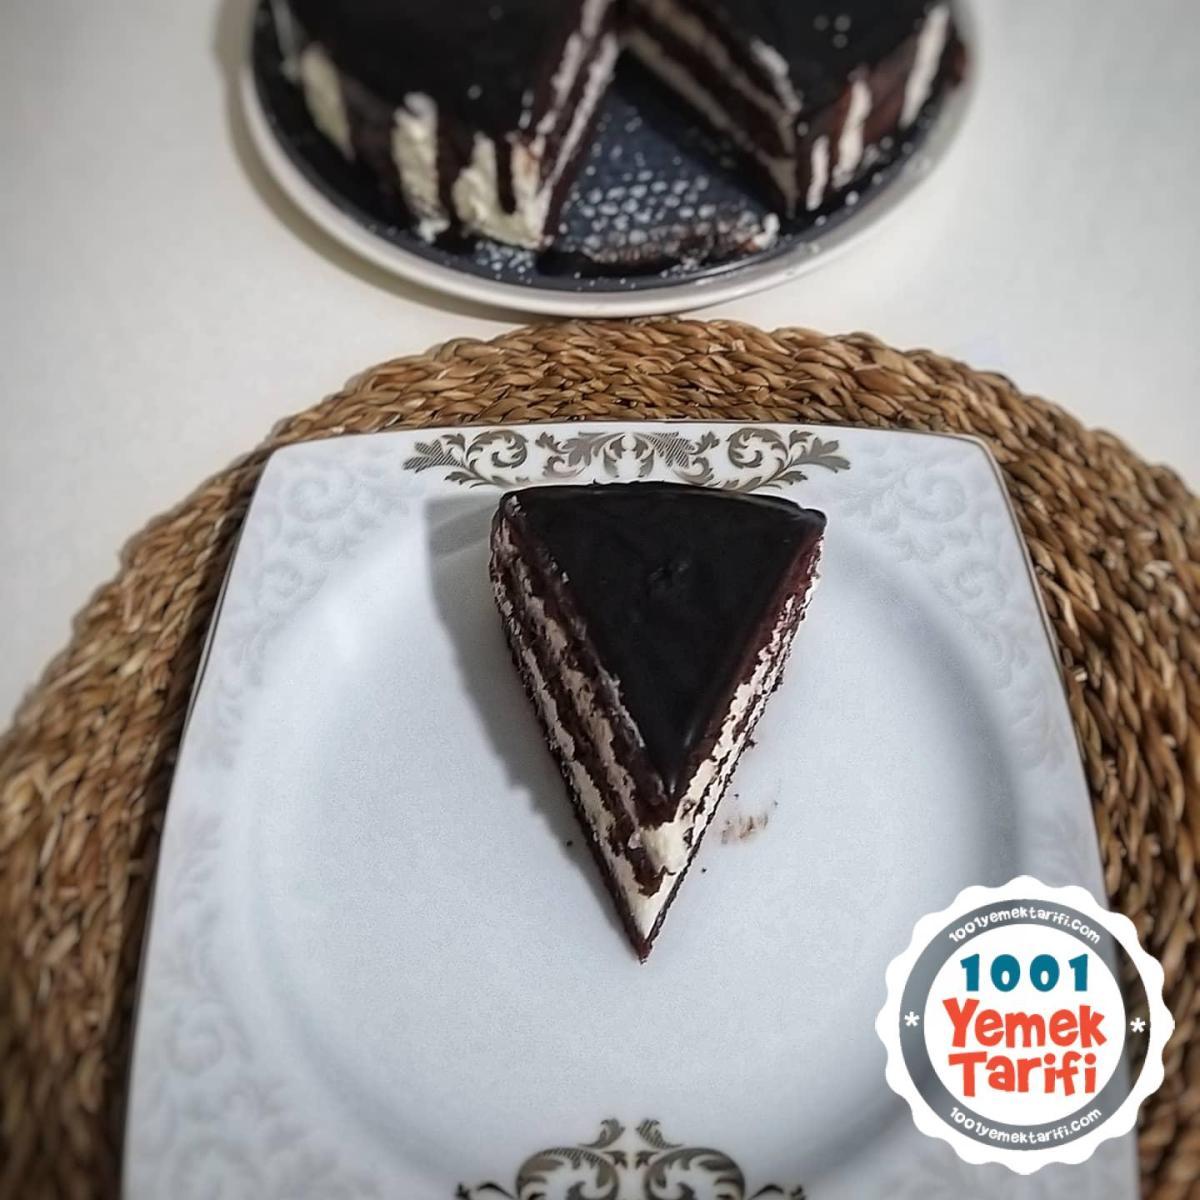 Keki Fırında Pişmeyen 3 Katlı Çikolatalı Pasta Tarifi-nasıl yapılır-ev yapımı pasta